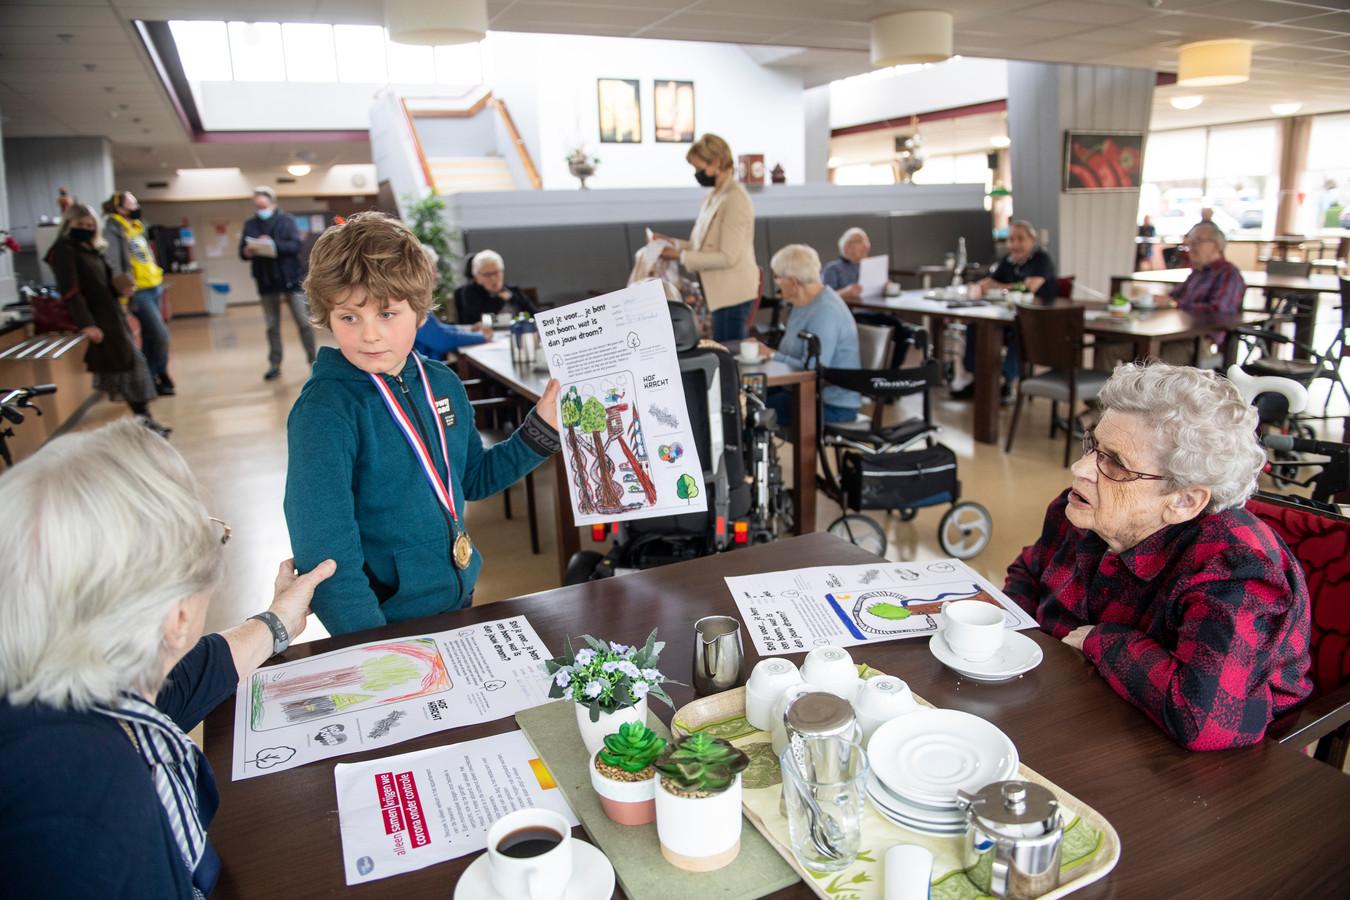 De 8-jarige Sander Hulsing reikt tijdens de koffie in zorgcentrum De Stoevelaar in Goor droomboomtekeningen van basisschoolleerlingen uit aan ouderen. Zijn winnende tekening houdt hij in zijn hand en geeft de jongen niet weg.